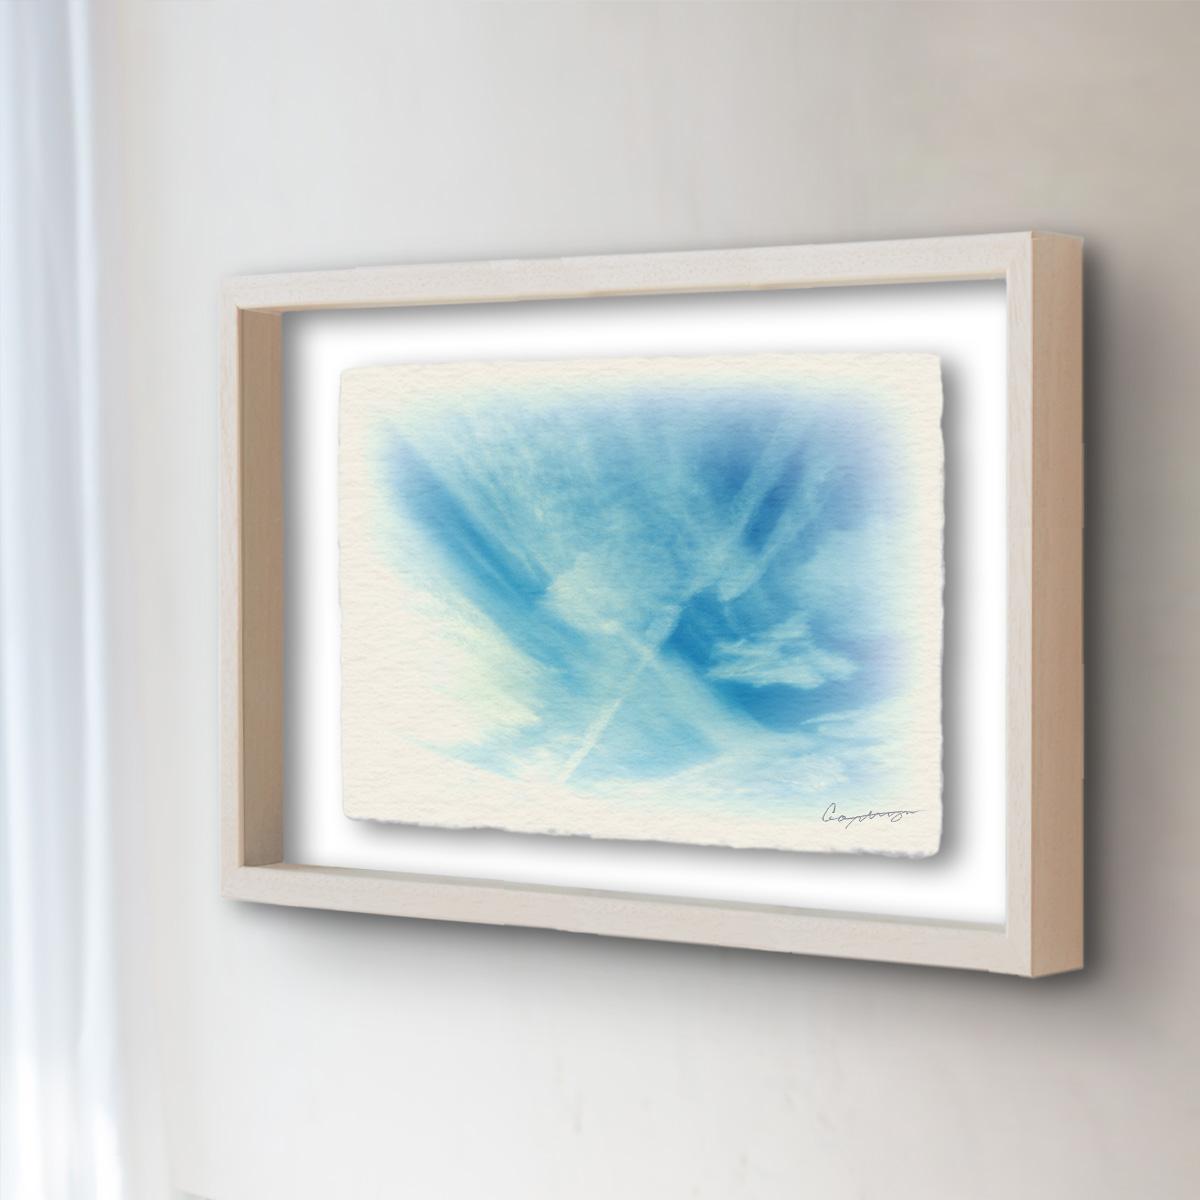 和紙 手作り アートフレーム 「筋雲と飛行機雲」(32x26cm) 絵画 絵 ポスター 壁掛け モダン アート 和風 オリジナル インテリア 風景画 ランキング おすすめ おしゃれ 人気 キッチン リビング ダイニング 玄関 和室